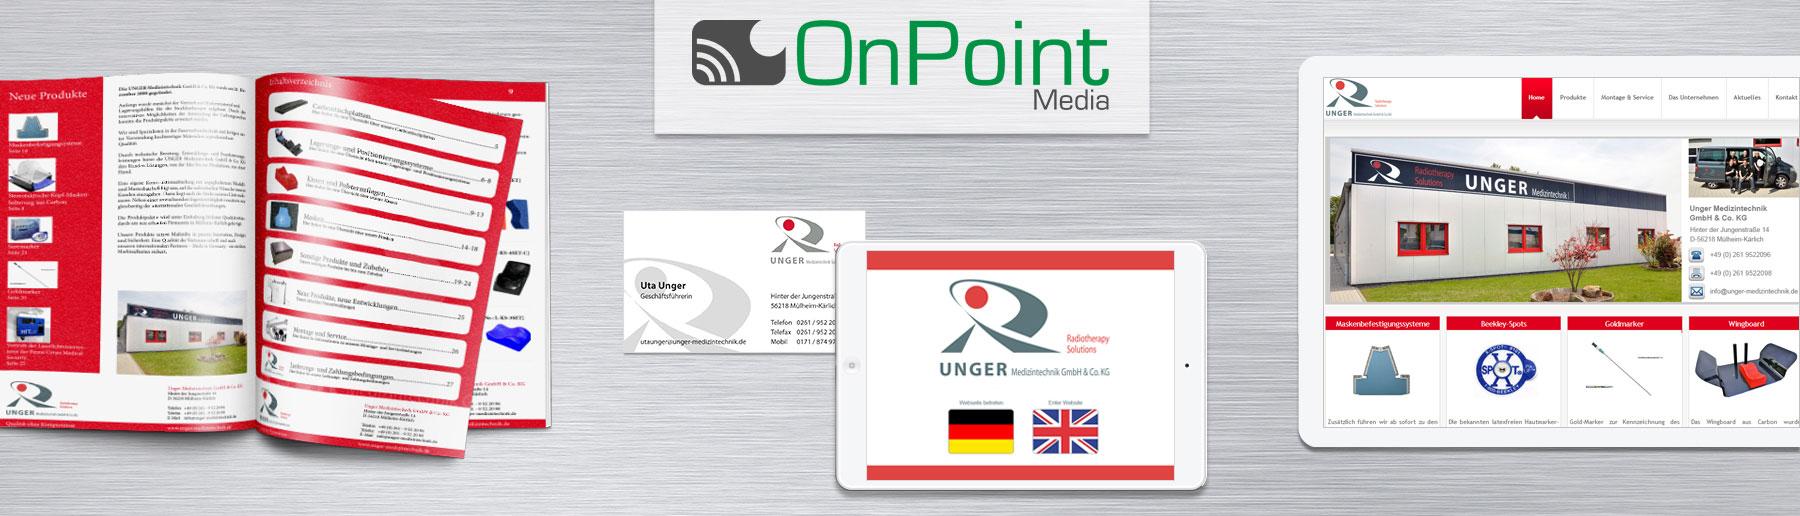 Online- und Werbeagentur-67157 Wachenheim an der Weinstraße Bad Dürkheim